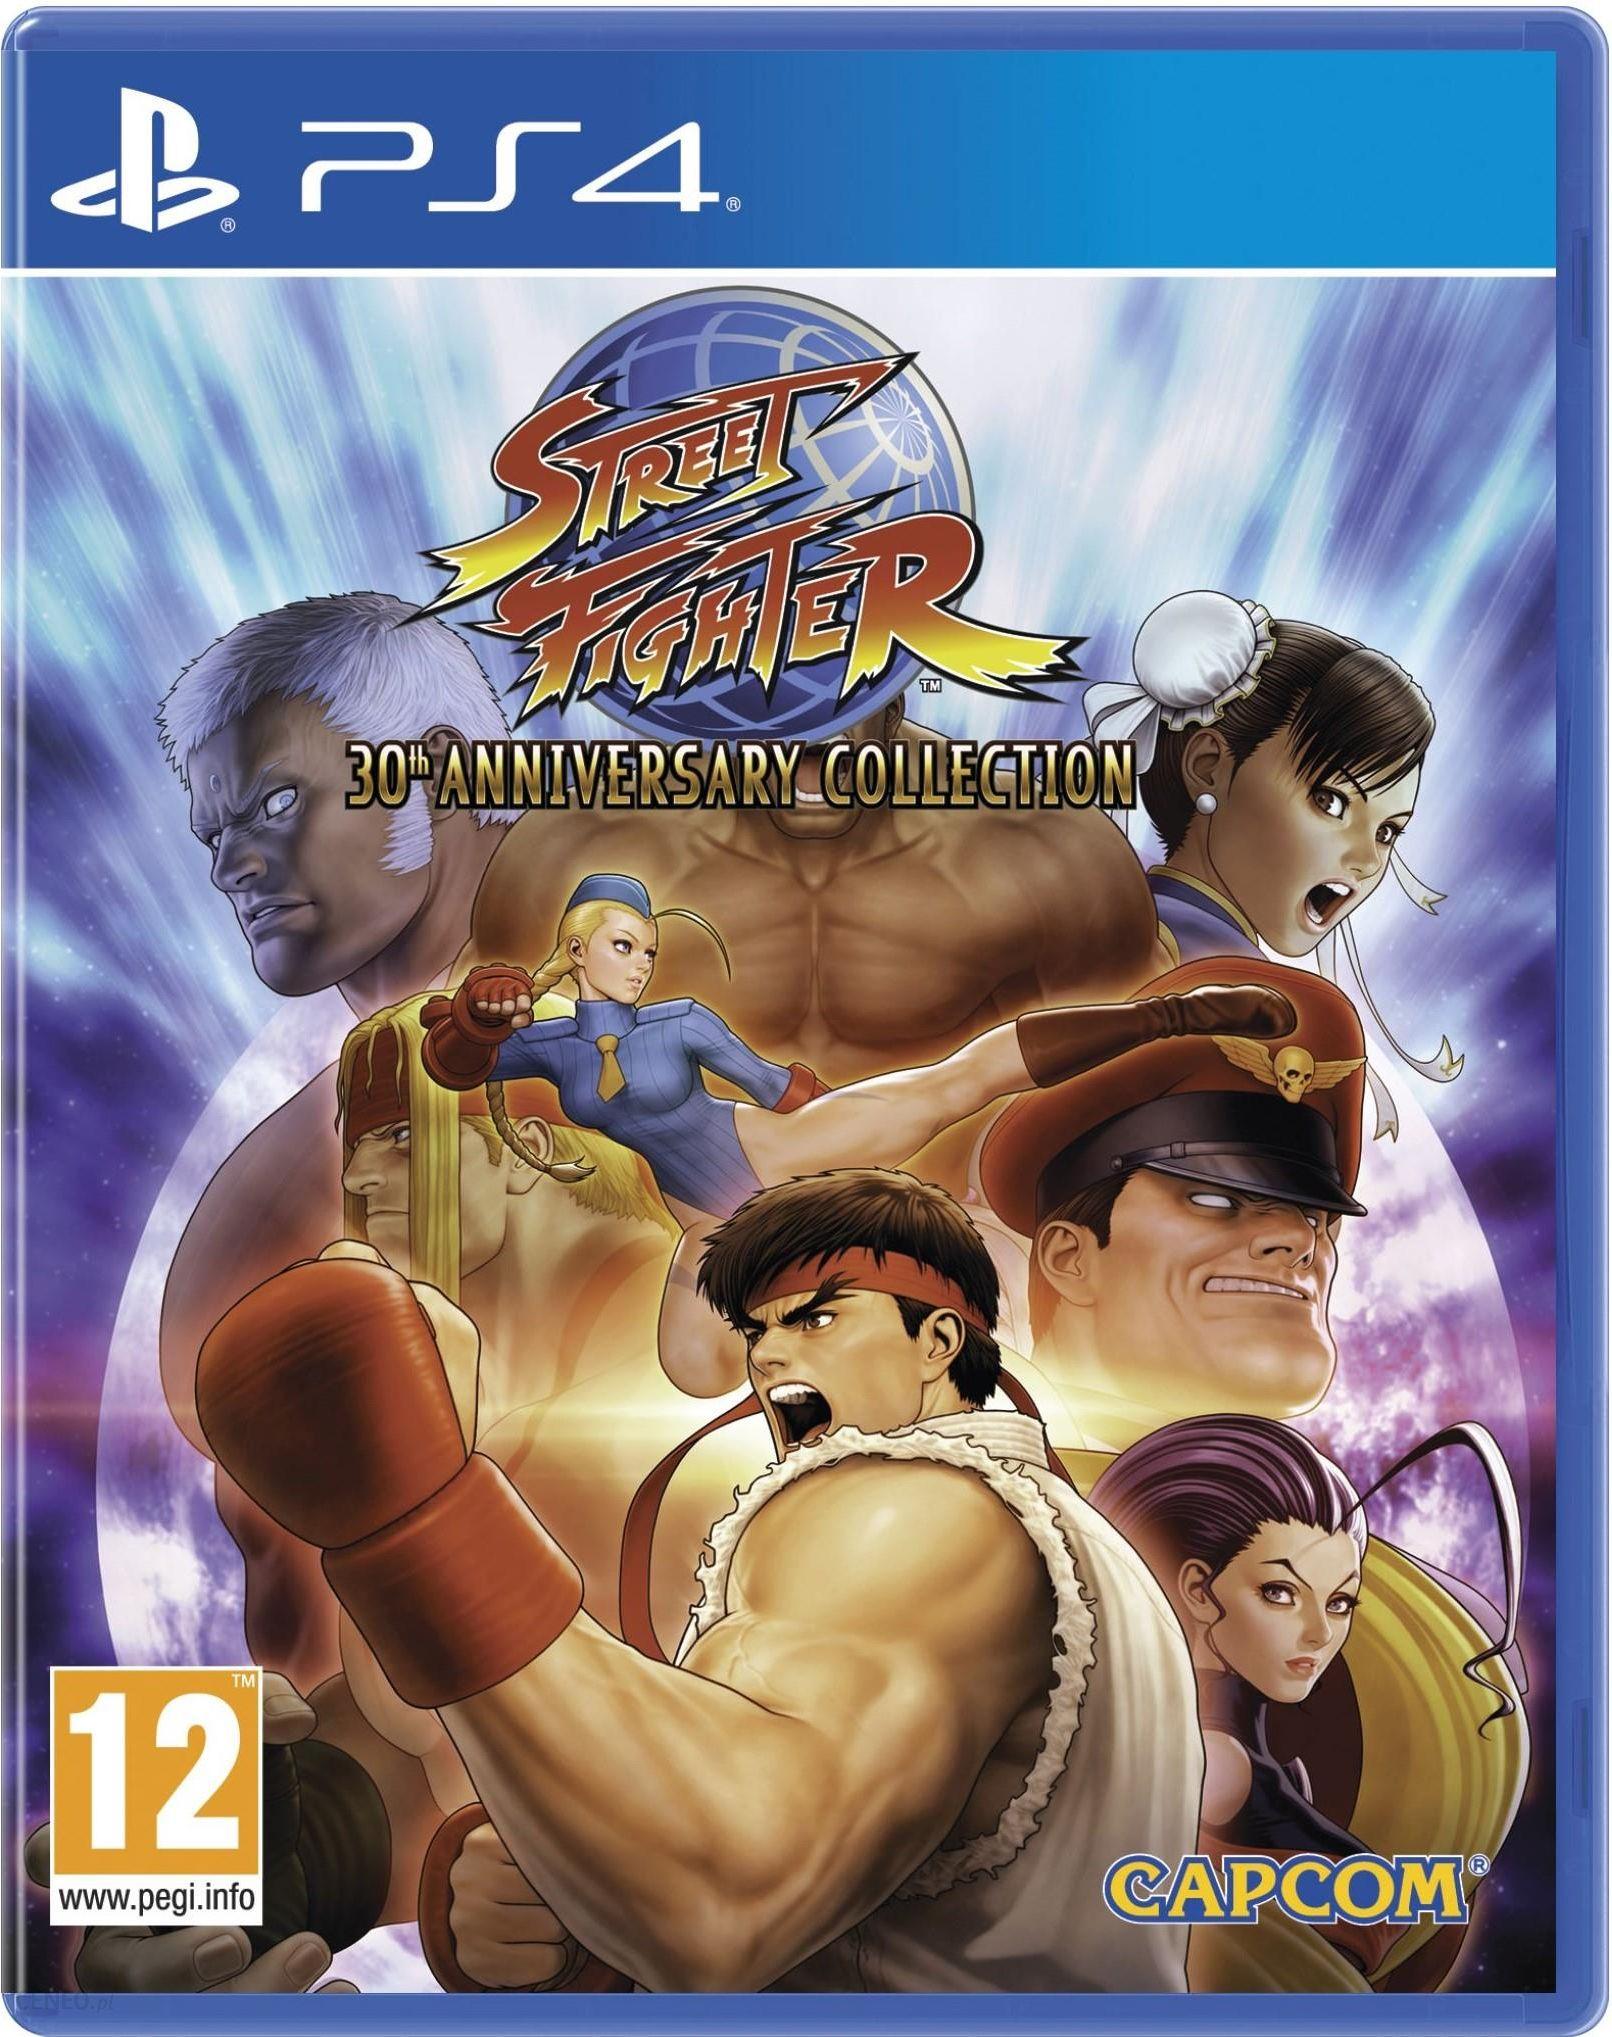 السلام عليكم ورحمة الله وبركاته تحميل لعبه Street Fighter 30th Anniversary Collection.